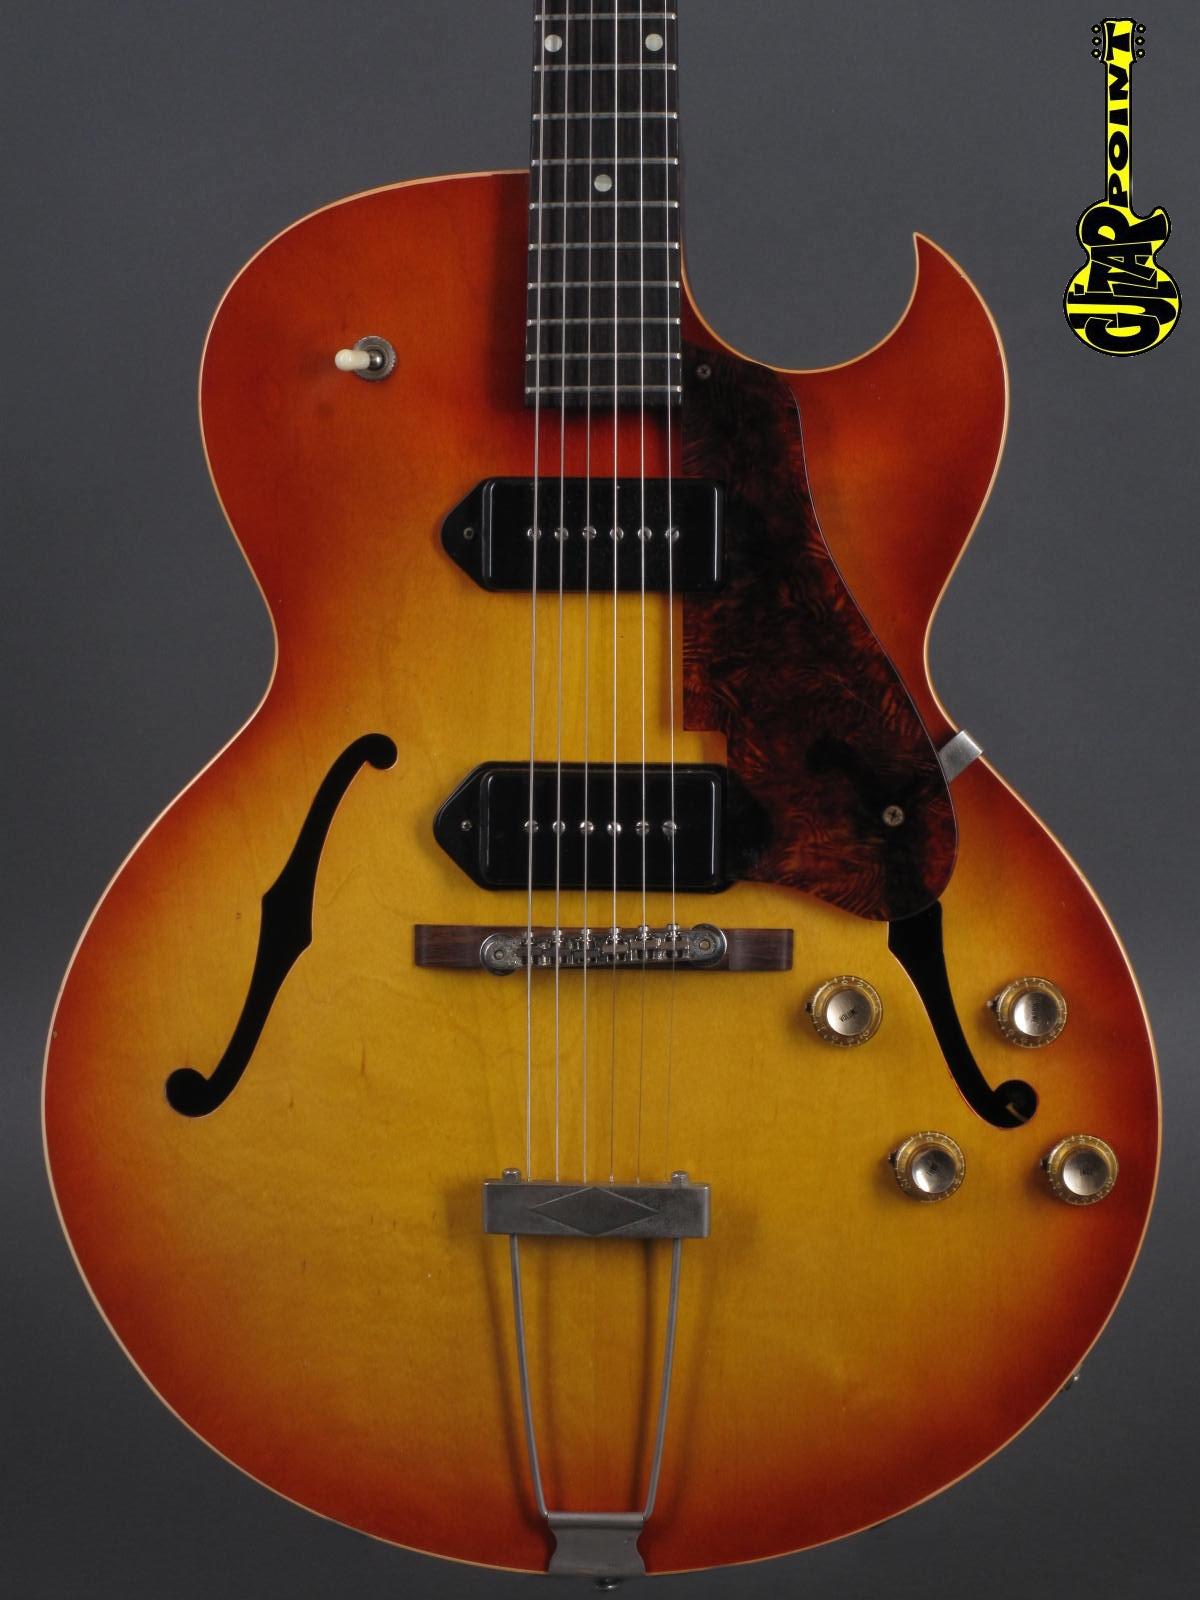 1962 Gibson ES 125 TDC - Cherry Sunburst